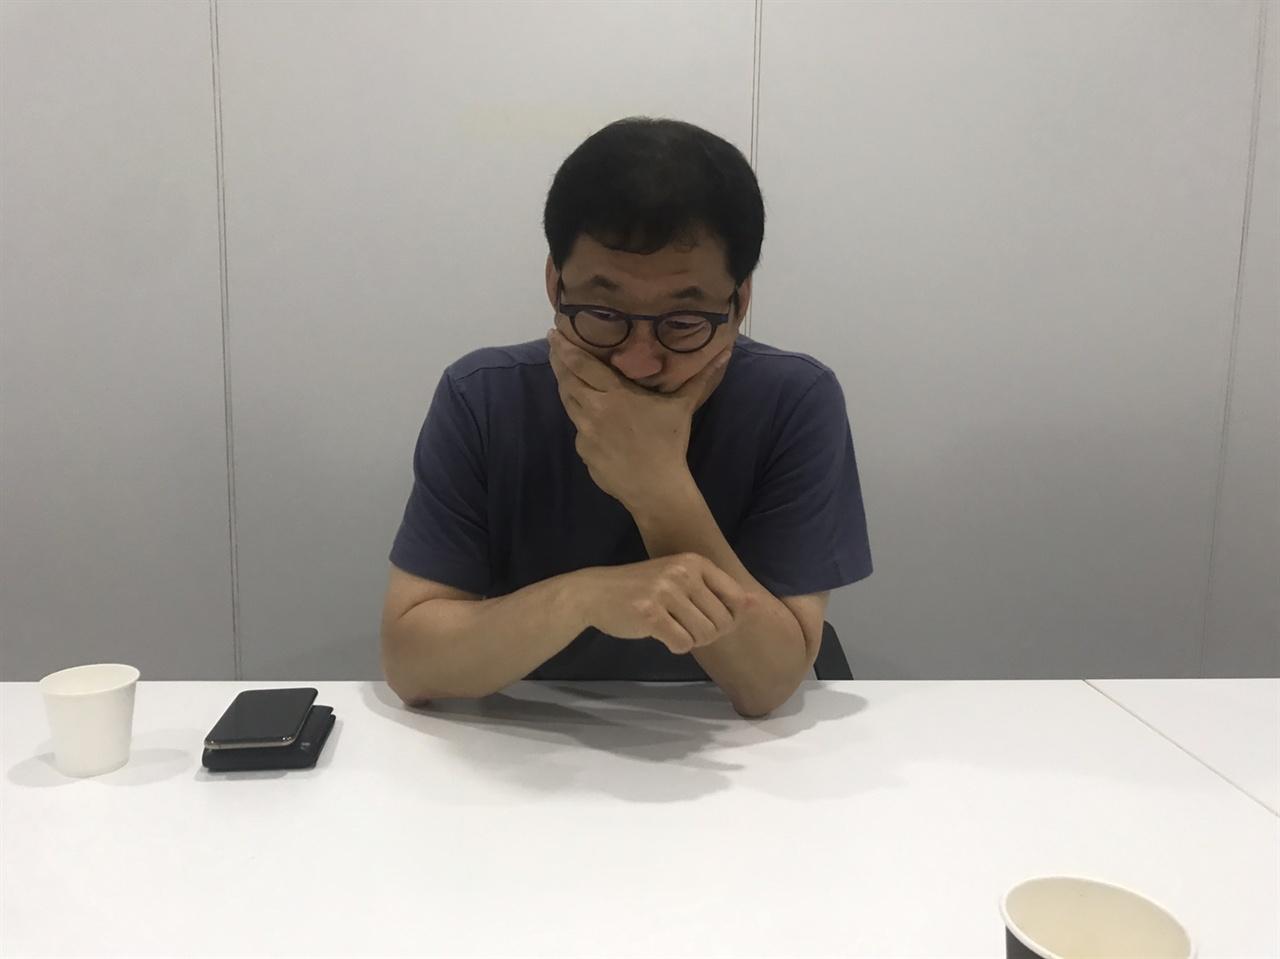 인천 송도 교통사고 취재 이야기하던 이영백 PD는 사고로 아들을 잃은 부모님 생각에 한동안 말을 잇지 못하고 있다.